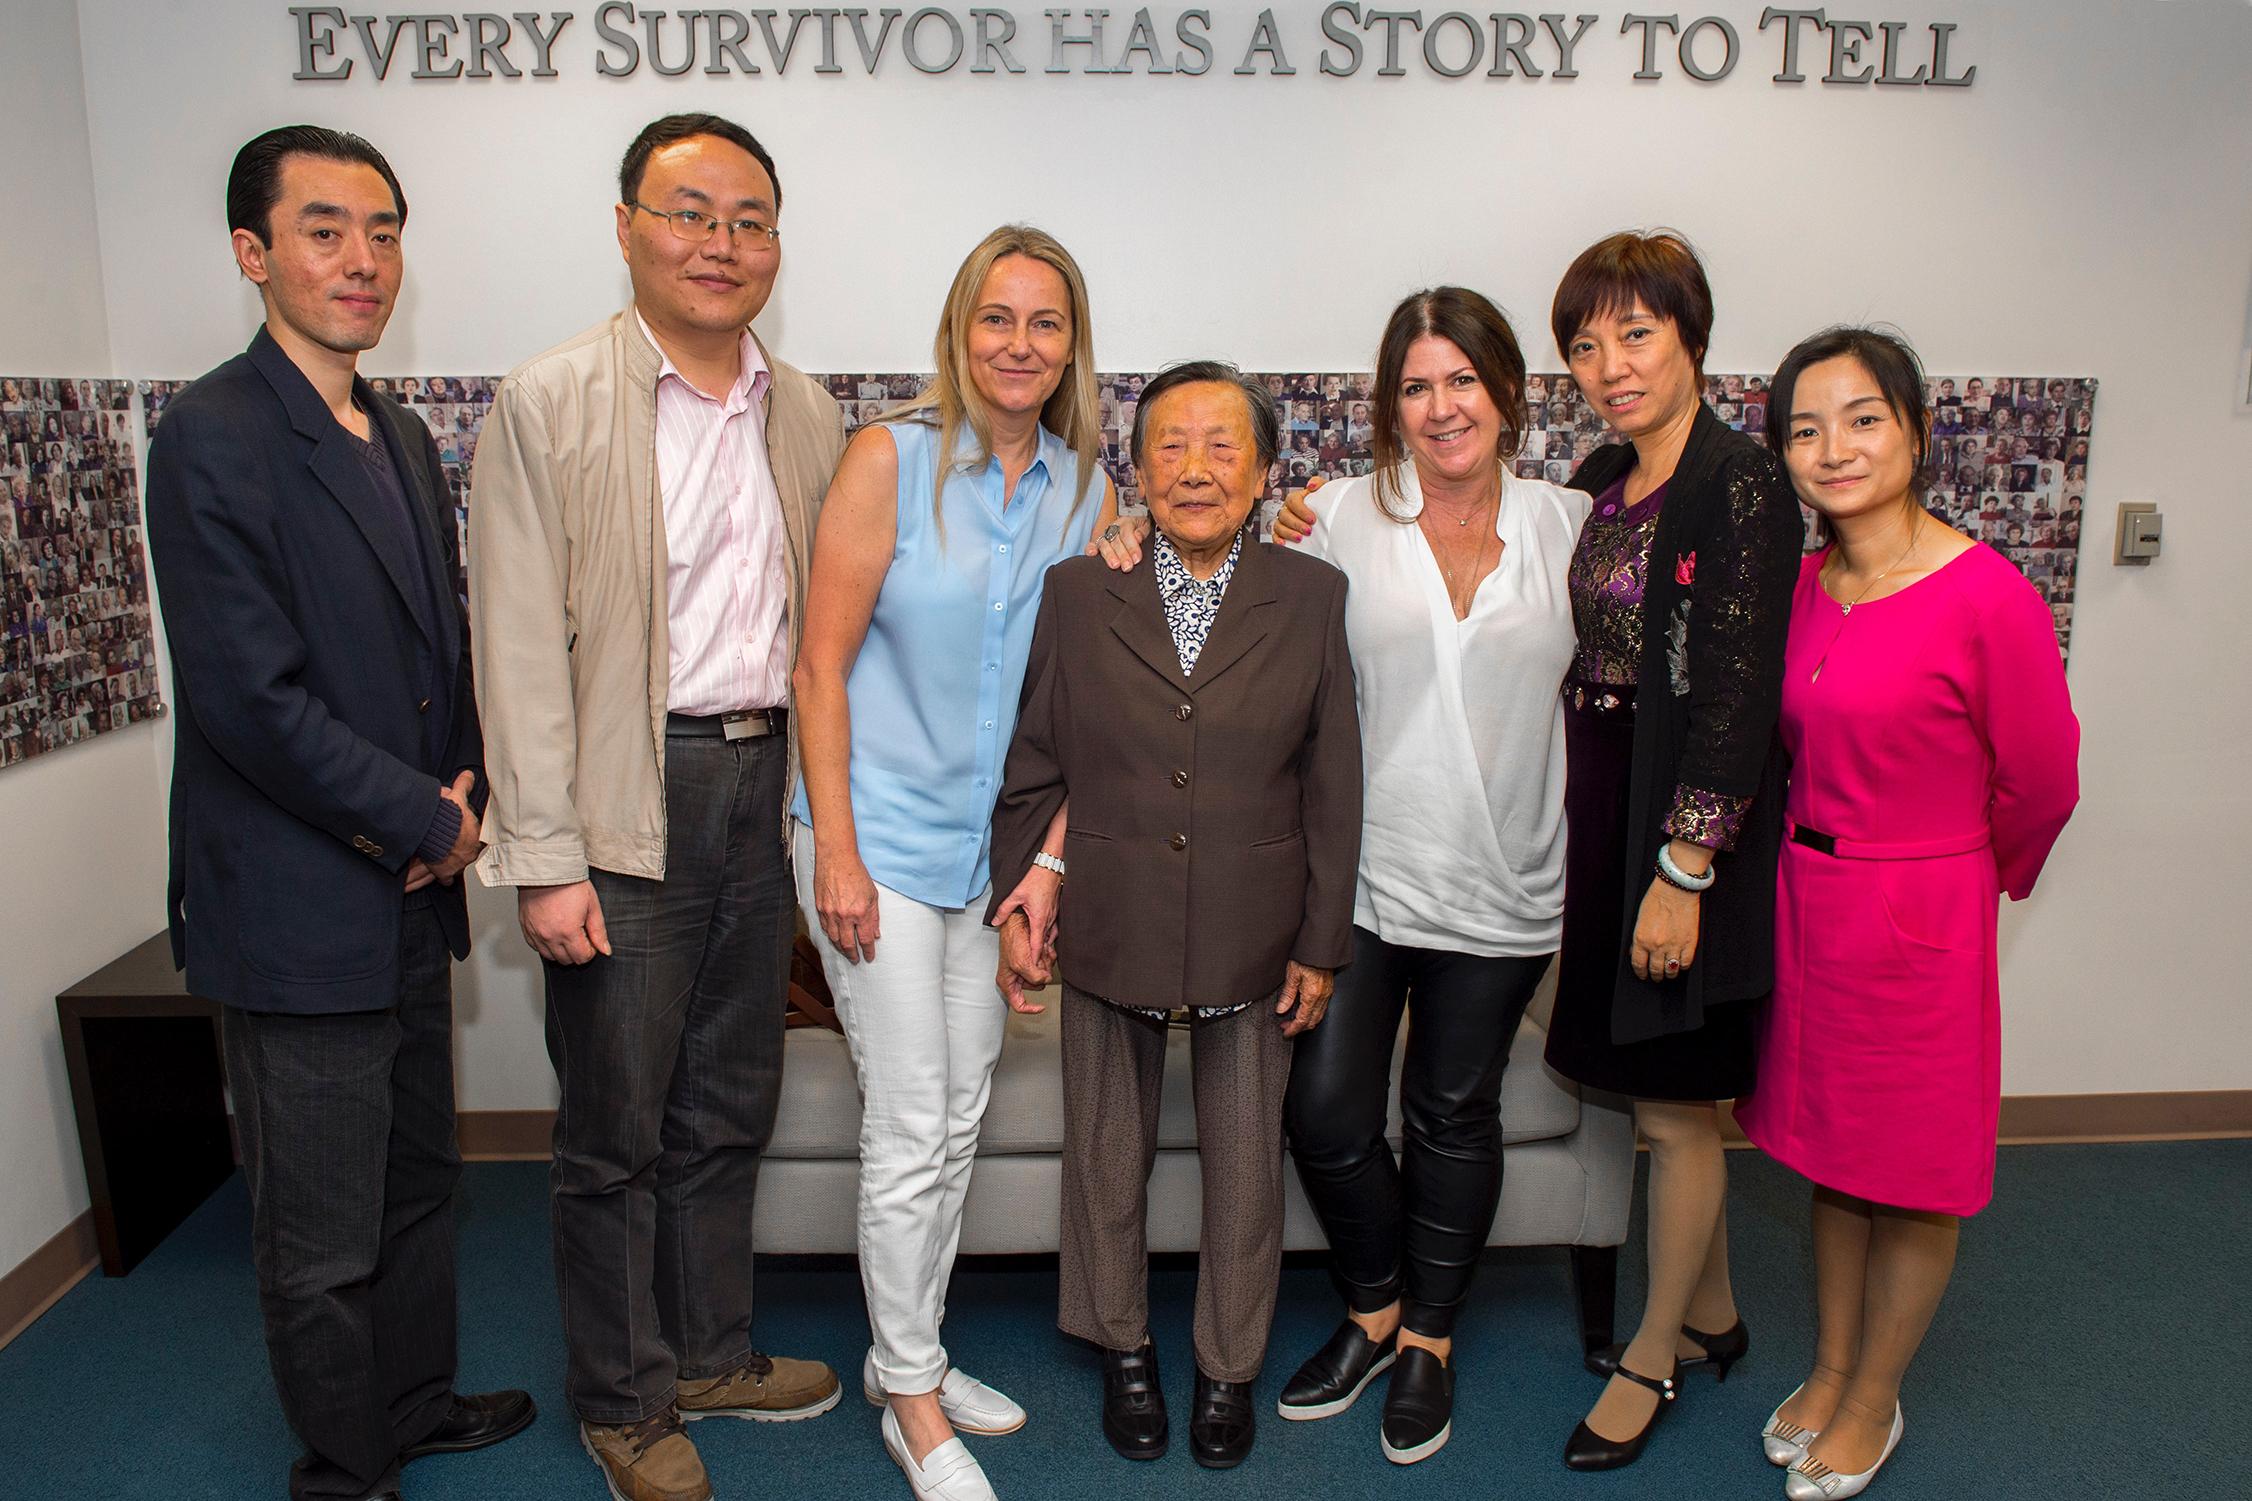 From left: Gong Chen, Yanming Lu, Karen Jungblut, Shuqin Xia, Heather Maio, Xia family